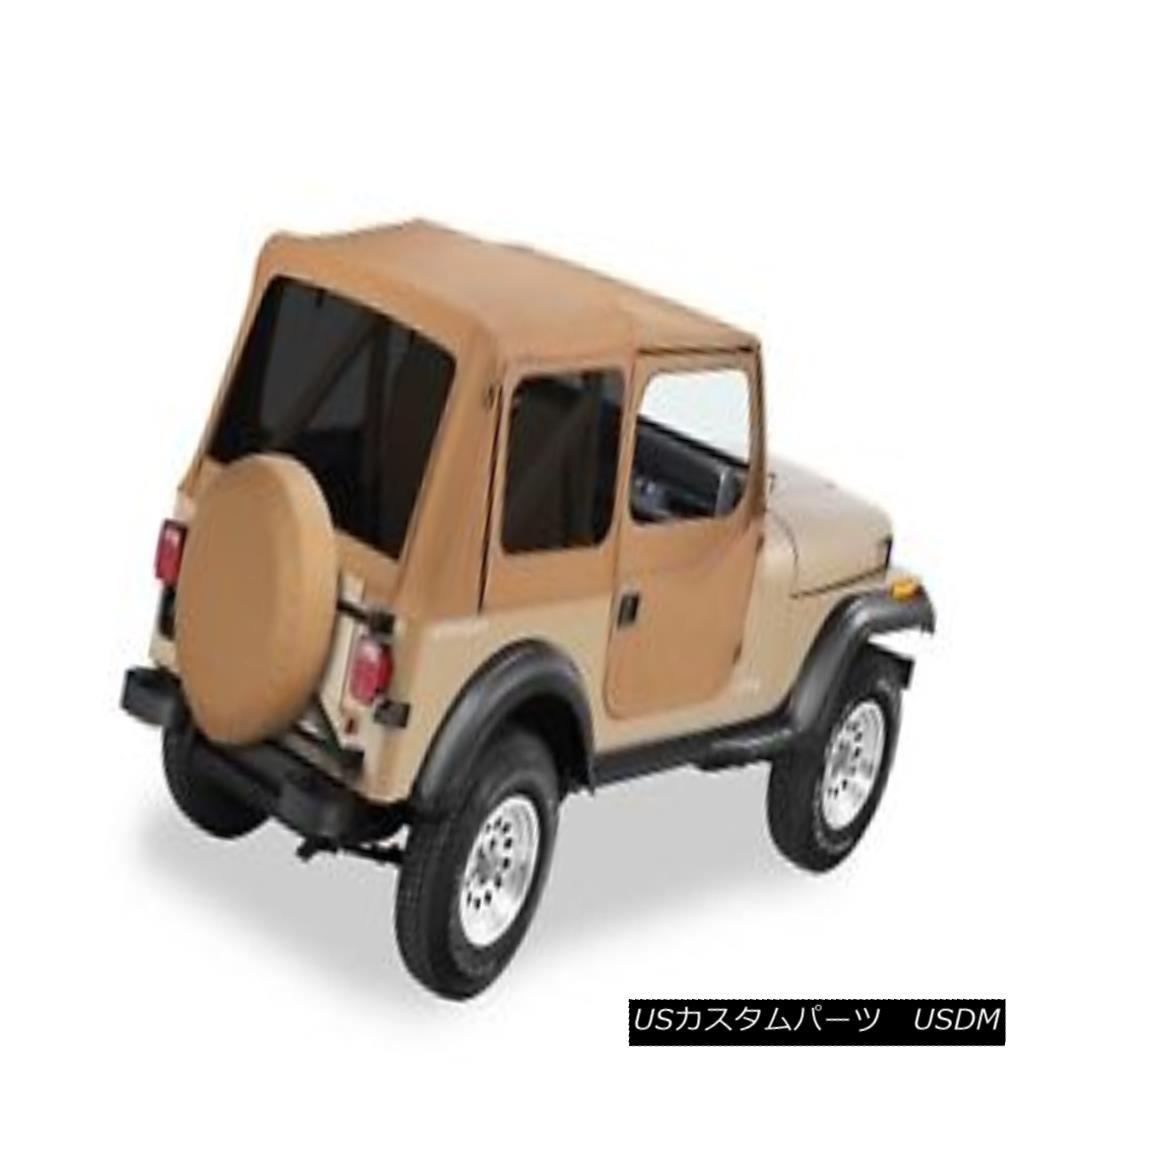 幌・ソフトトップ Bestop 51123-37 Jeep Replace-a-Top Soft Top Spice Bestop 51123-37 Jeep Replace-a-Topソフトトップスパイス